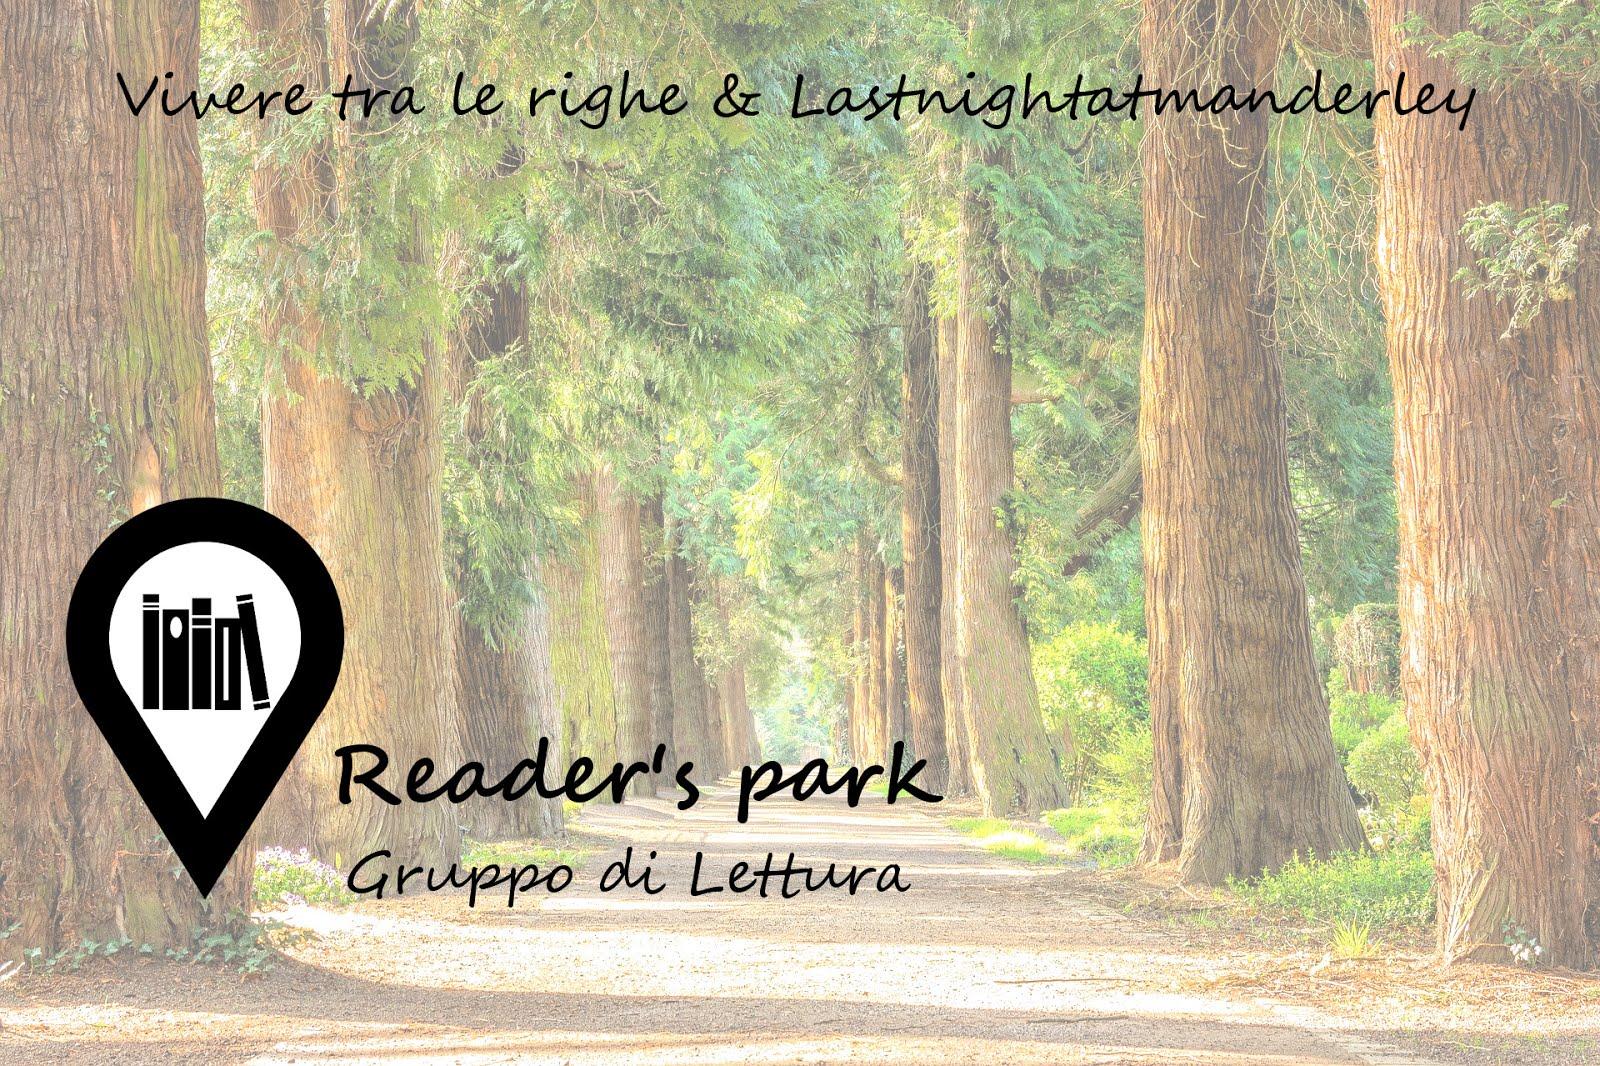 Reader's park